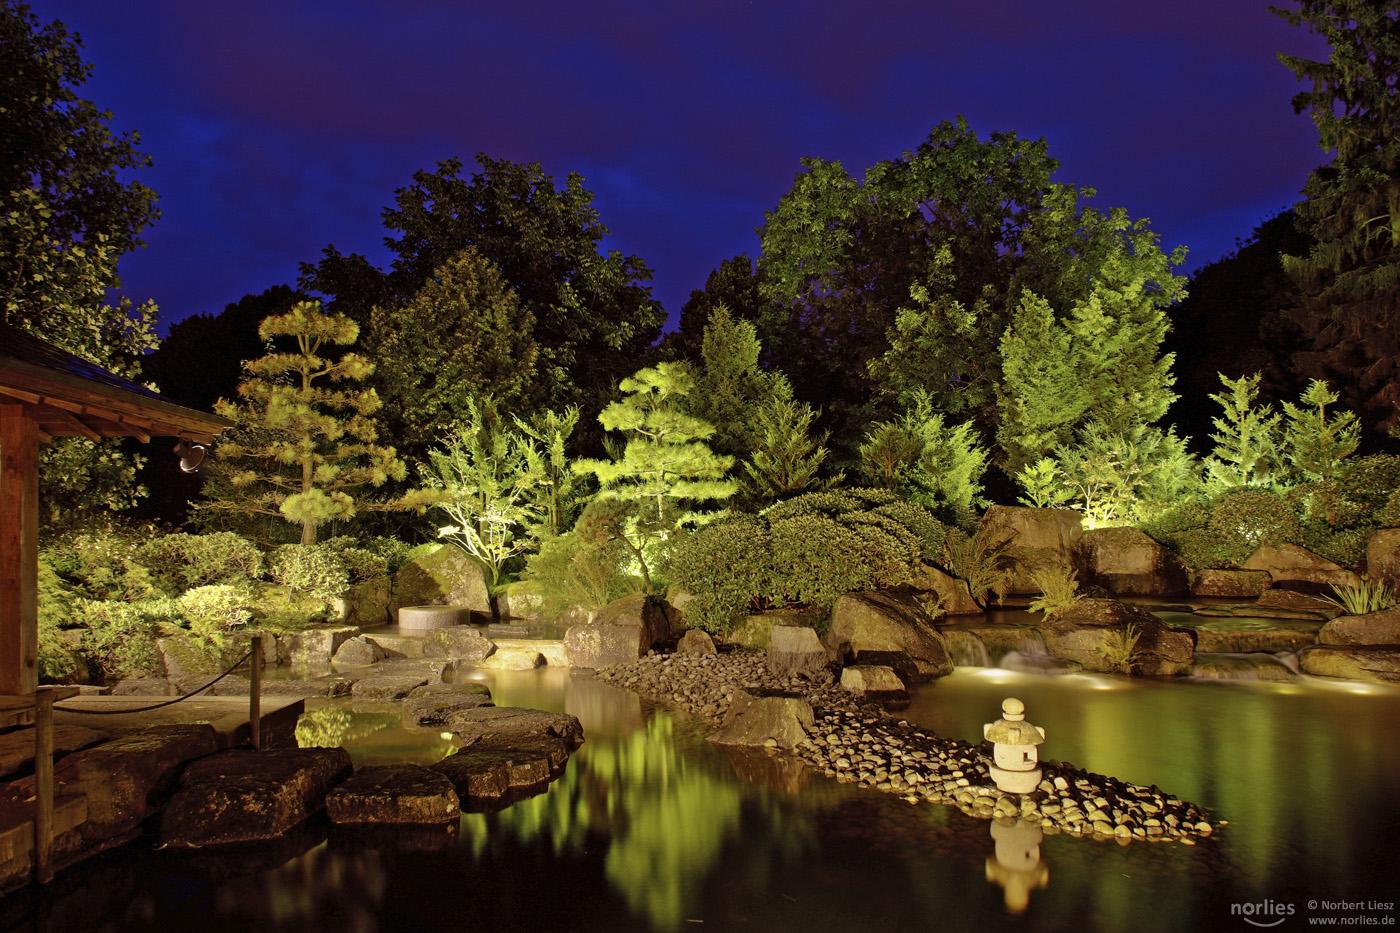 Botanischer Garten Augsburg Programm Einzigartig Lange Nacht Der Natur Im Botanischen Garten – Nanu